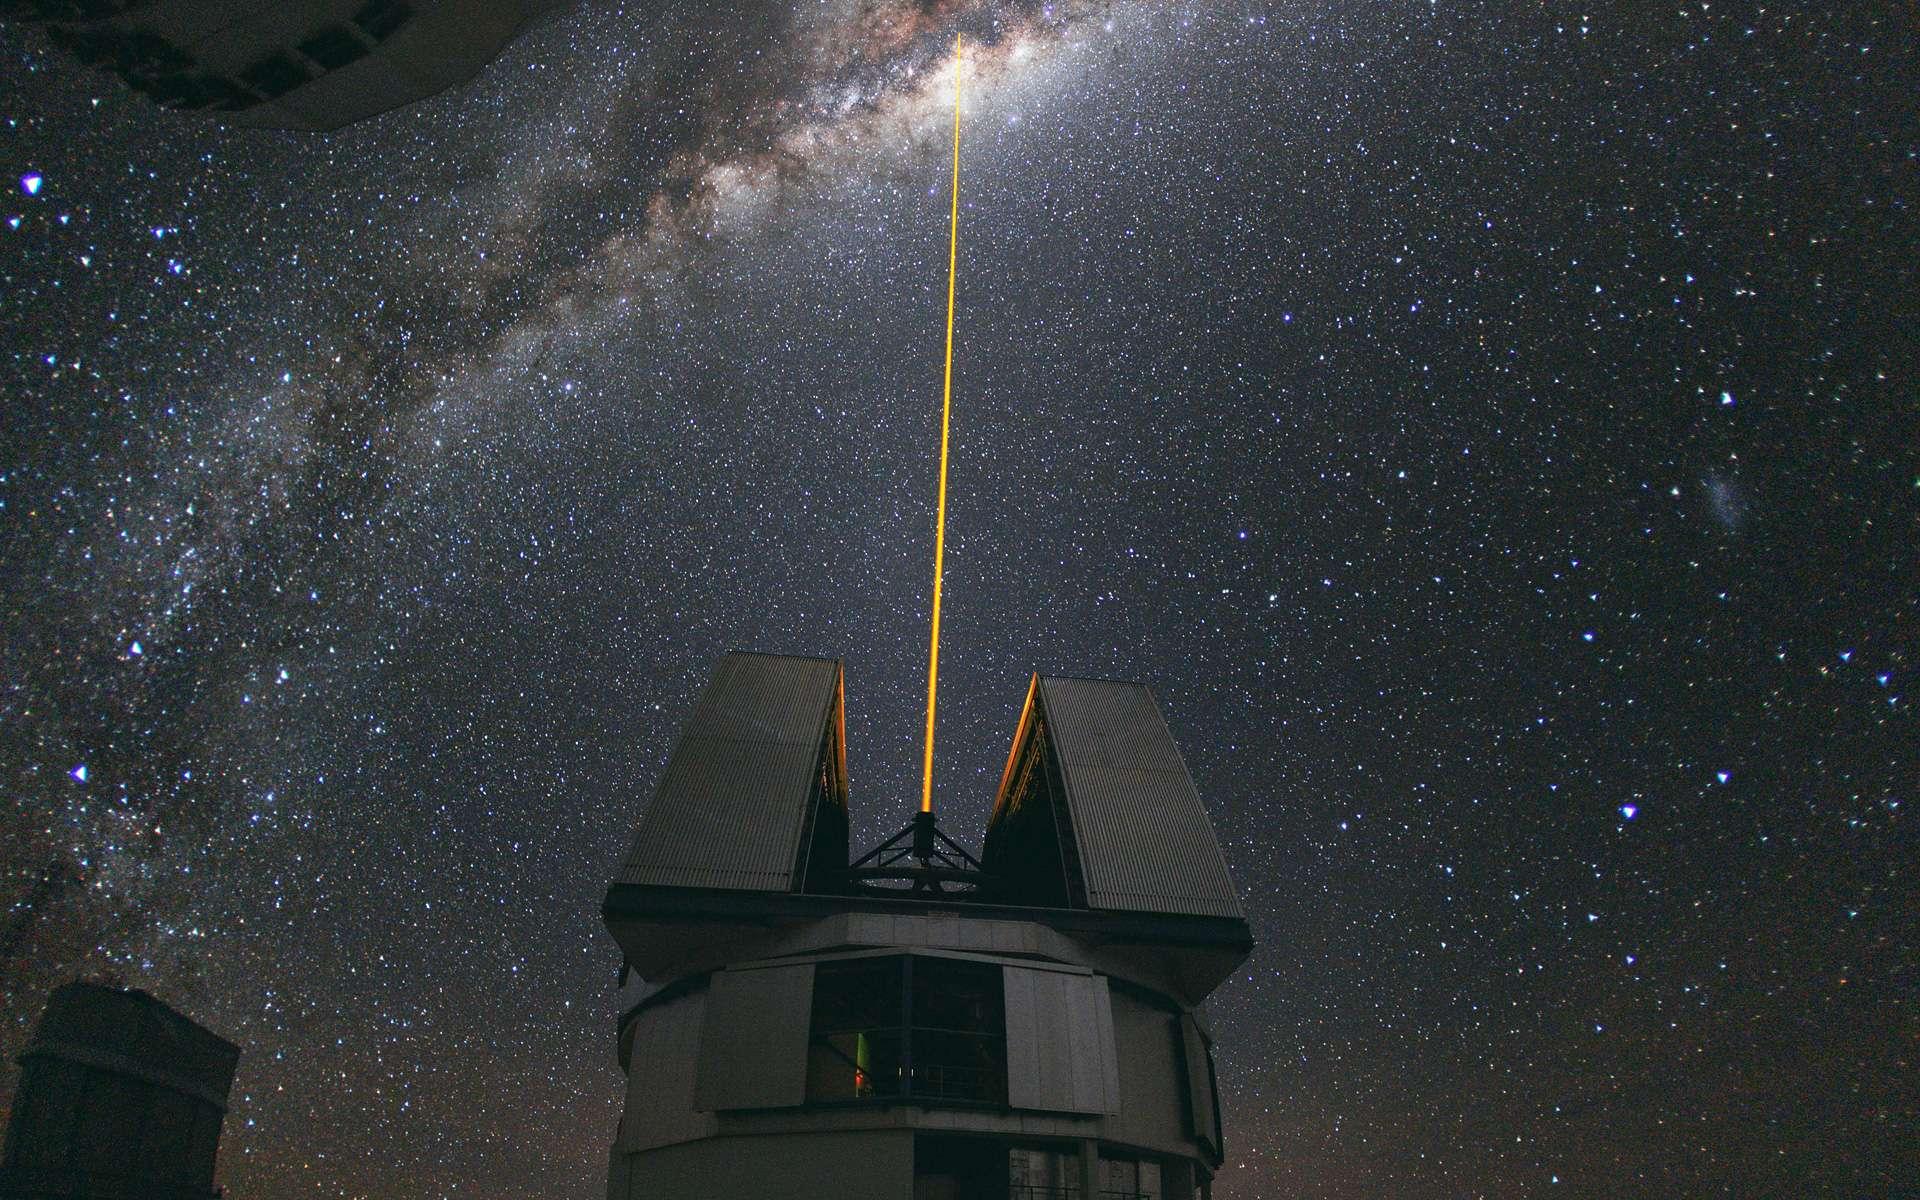 Au milieu d'août 2010, l'ambassadeur photo de l'ESO, Yuri Beletsky, a pris cette étonnante photo à l'observatoire ESO de Paranal. Un groupe d'astronomes observait le centre de la Voie lactée en utilisant l'installation d'étoile laser guide à Yepun, l'un des quatre grands téléscopes qui constituent le VLT. Le laser de Yepun traverse le majestueux ciel austral et crée une étoile artificielle à une altitude de 90 km, haut dans la mésosphère terrestre. Le LGS (Laser Guide Star) fait partie du système d'optique adaptative du VLT et est utilisé comme une référence pour corriger les effets flous de l'atmosphère sur les images. © ESO, Y. Beletsky